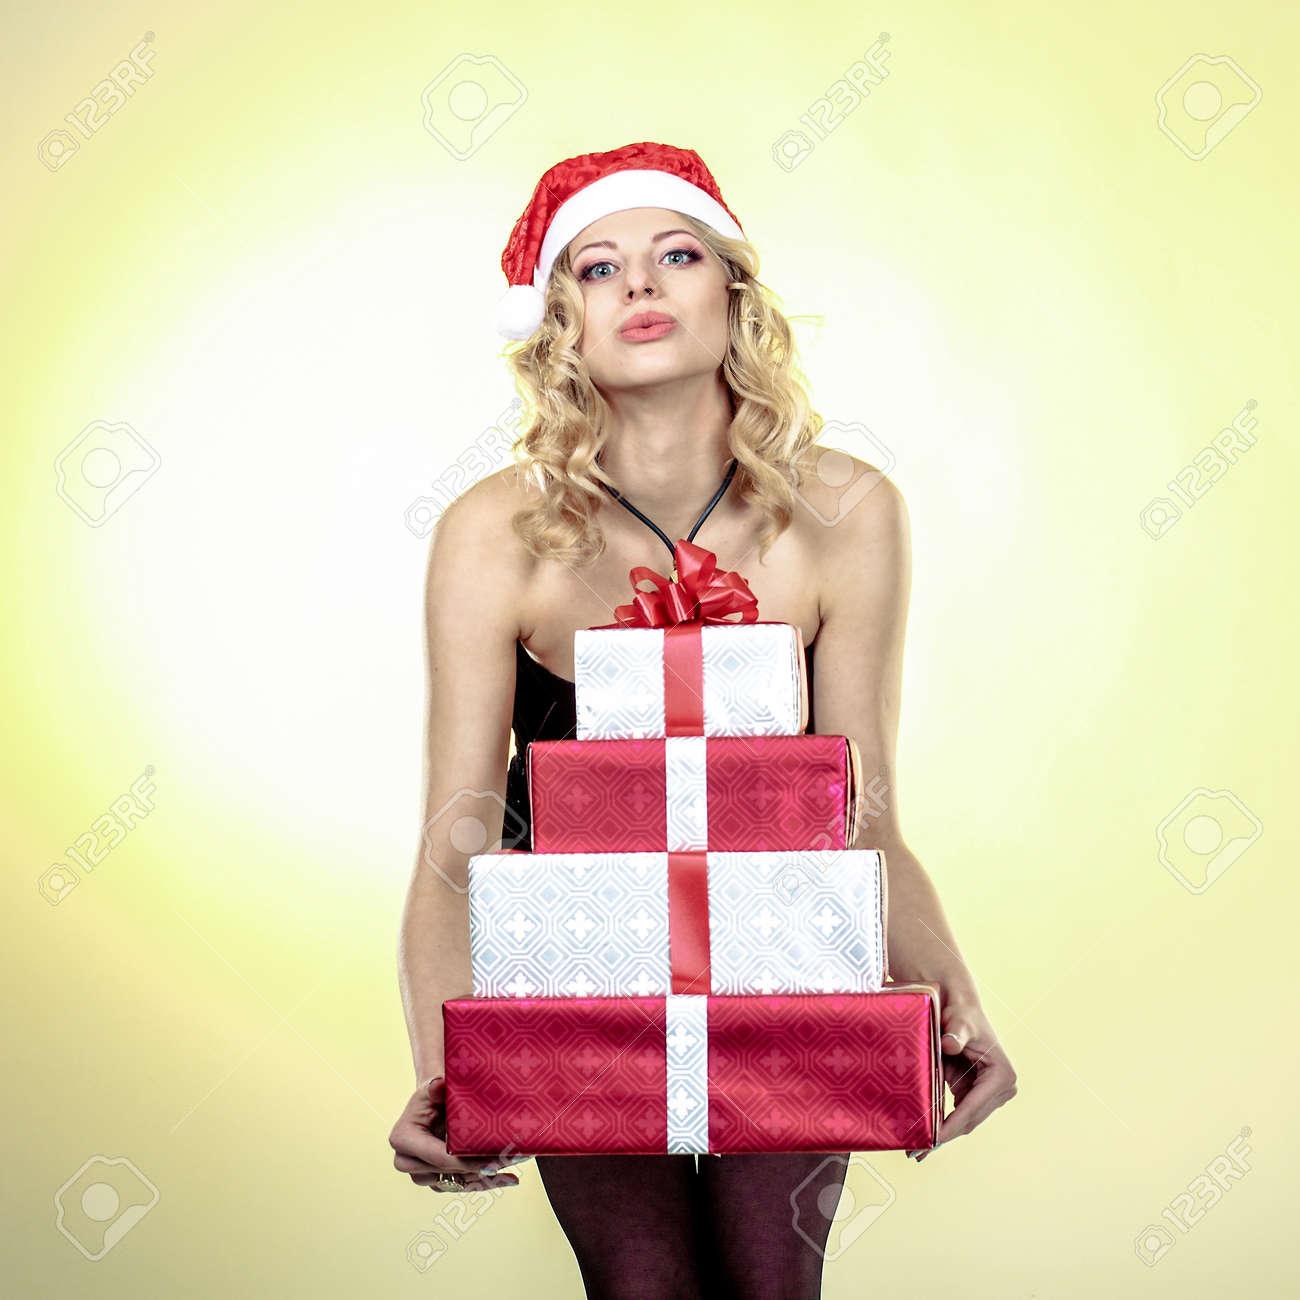 Regali Di Natale Ragazza.Immagini Stock Regali Di Detenzione Donna Di Natale Ragazza Che